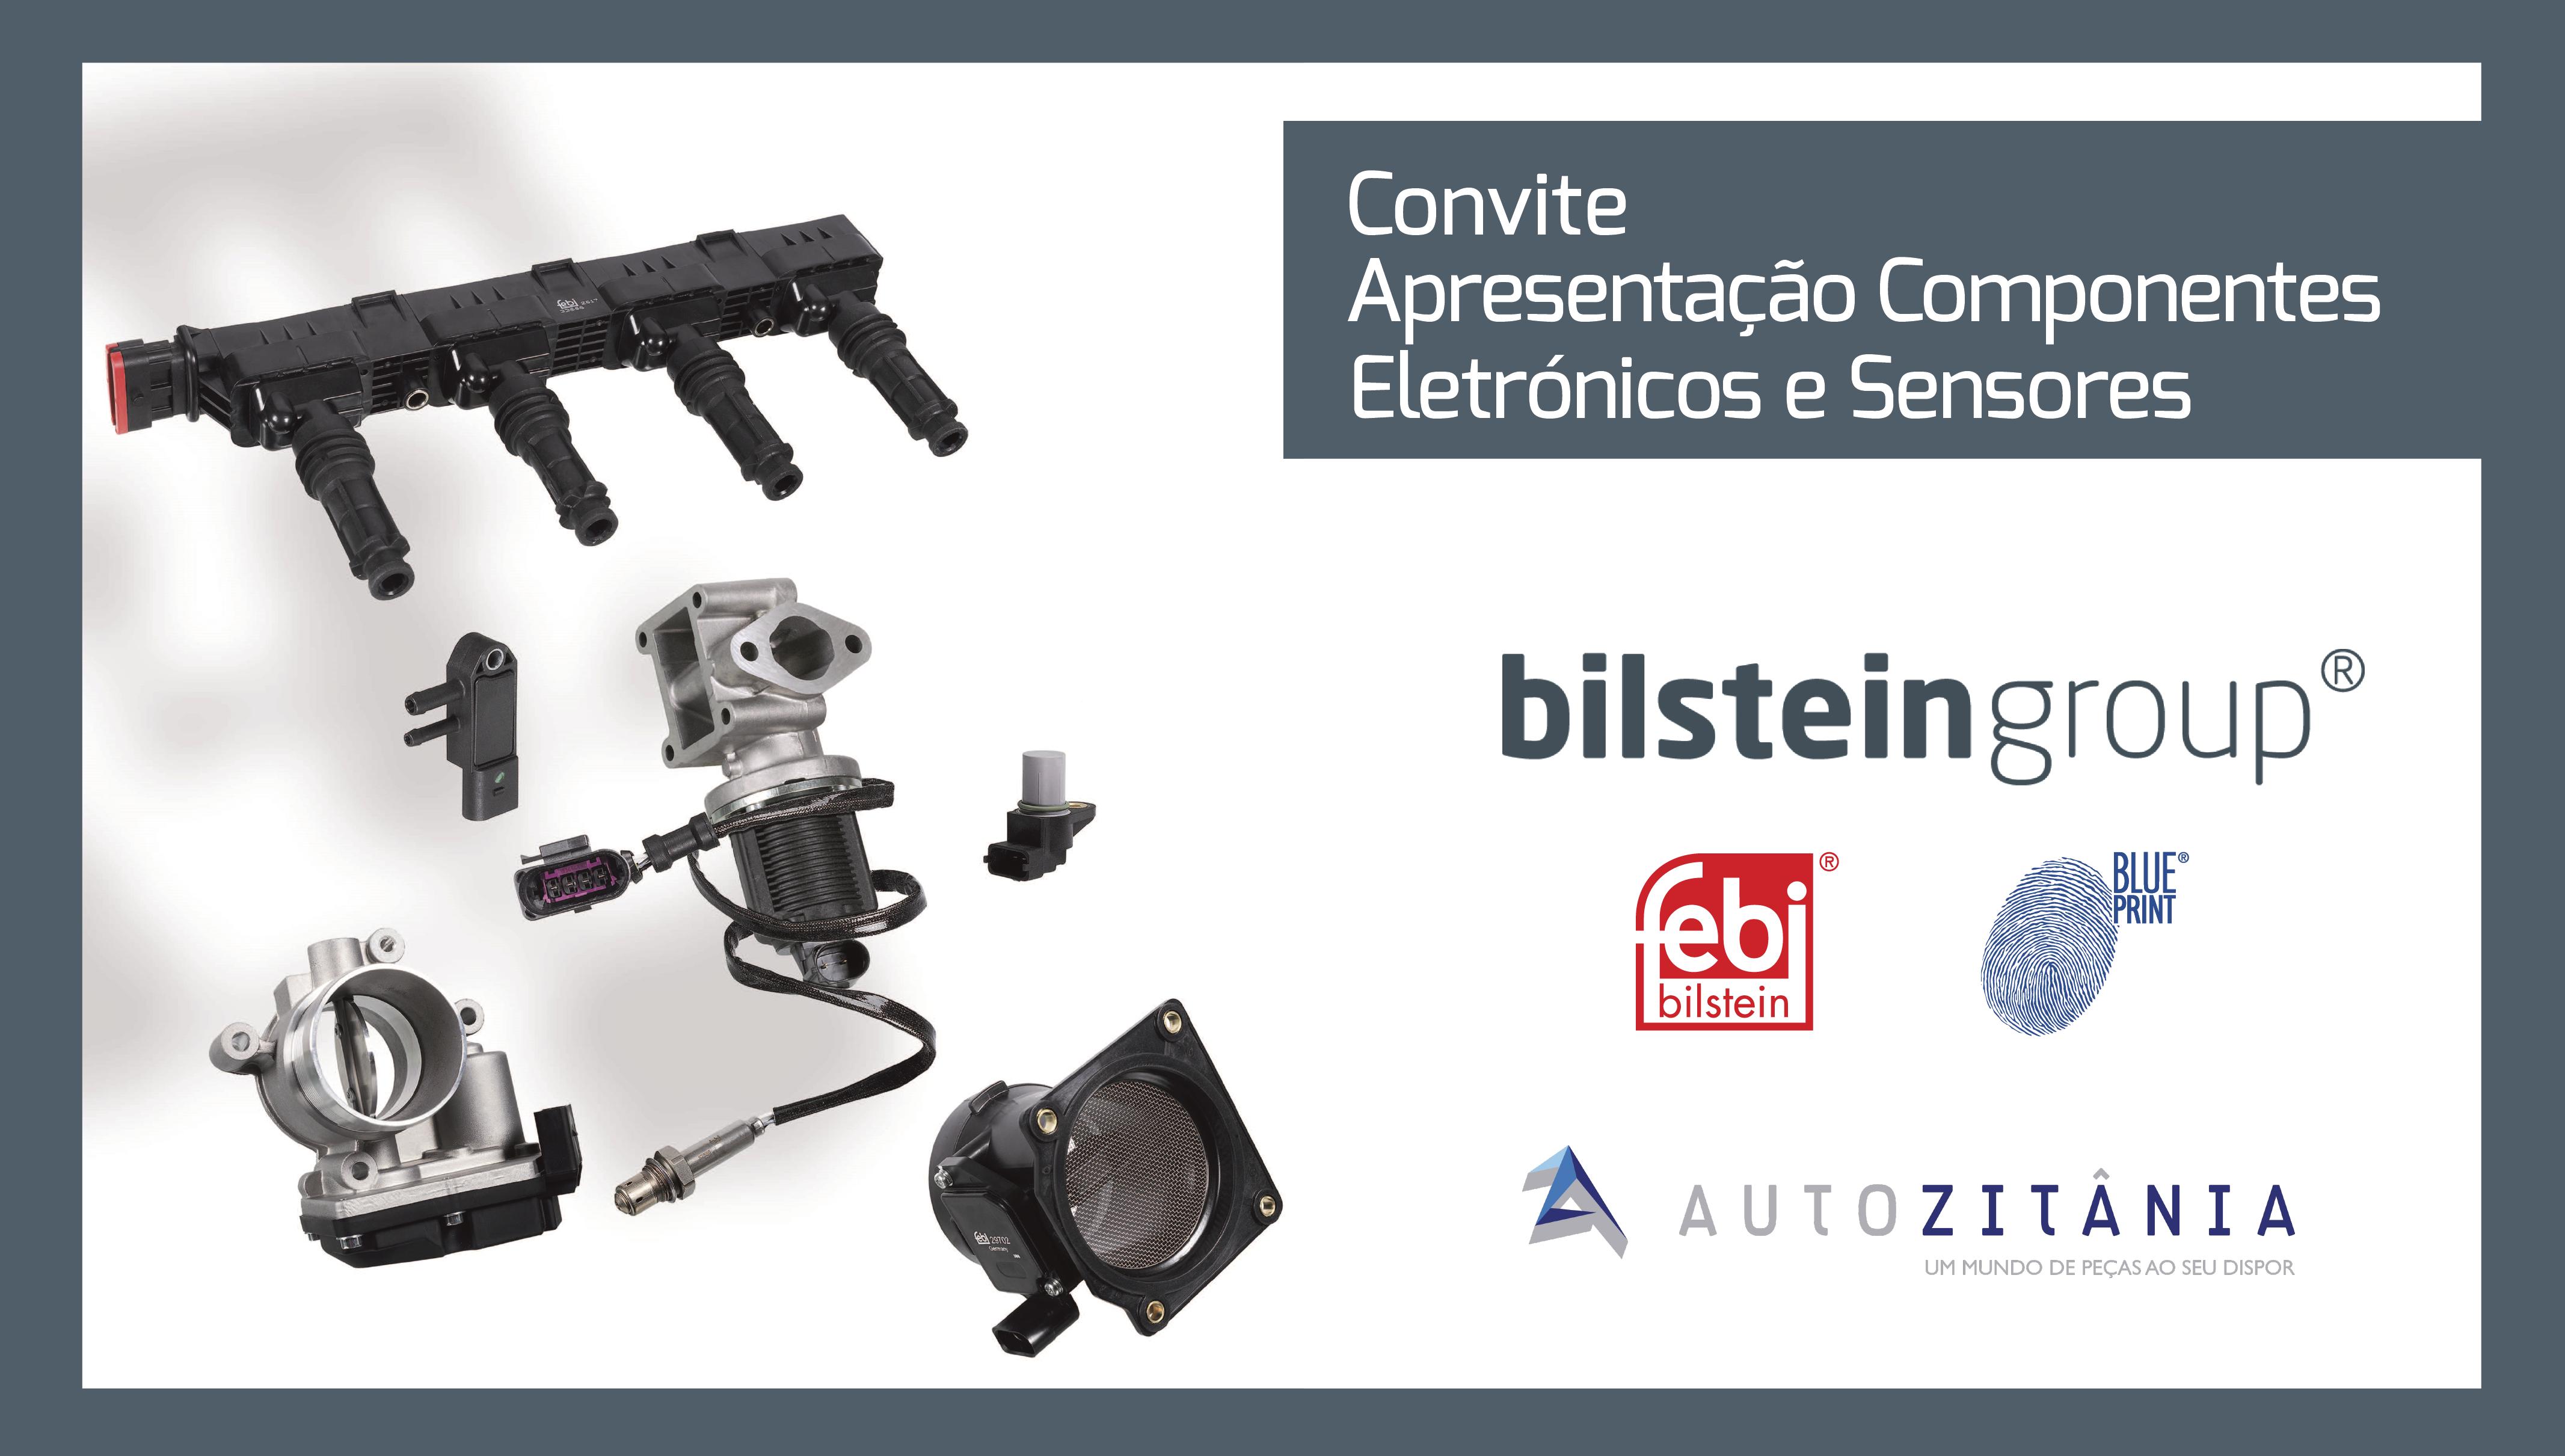 bilstein group e Autozitânia juntas na Final do Melhor Mecatrónico 2019